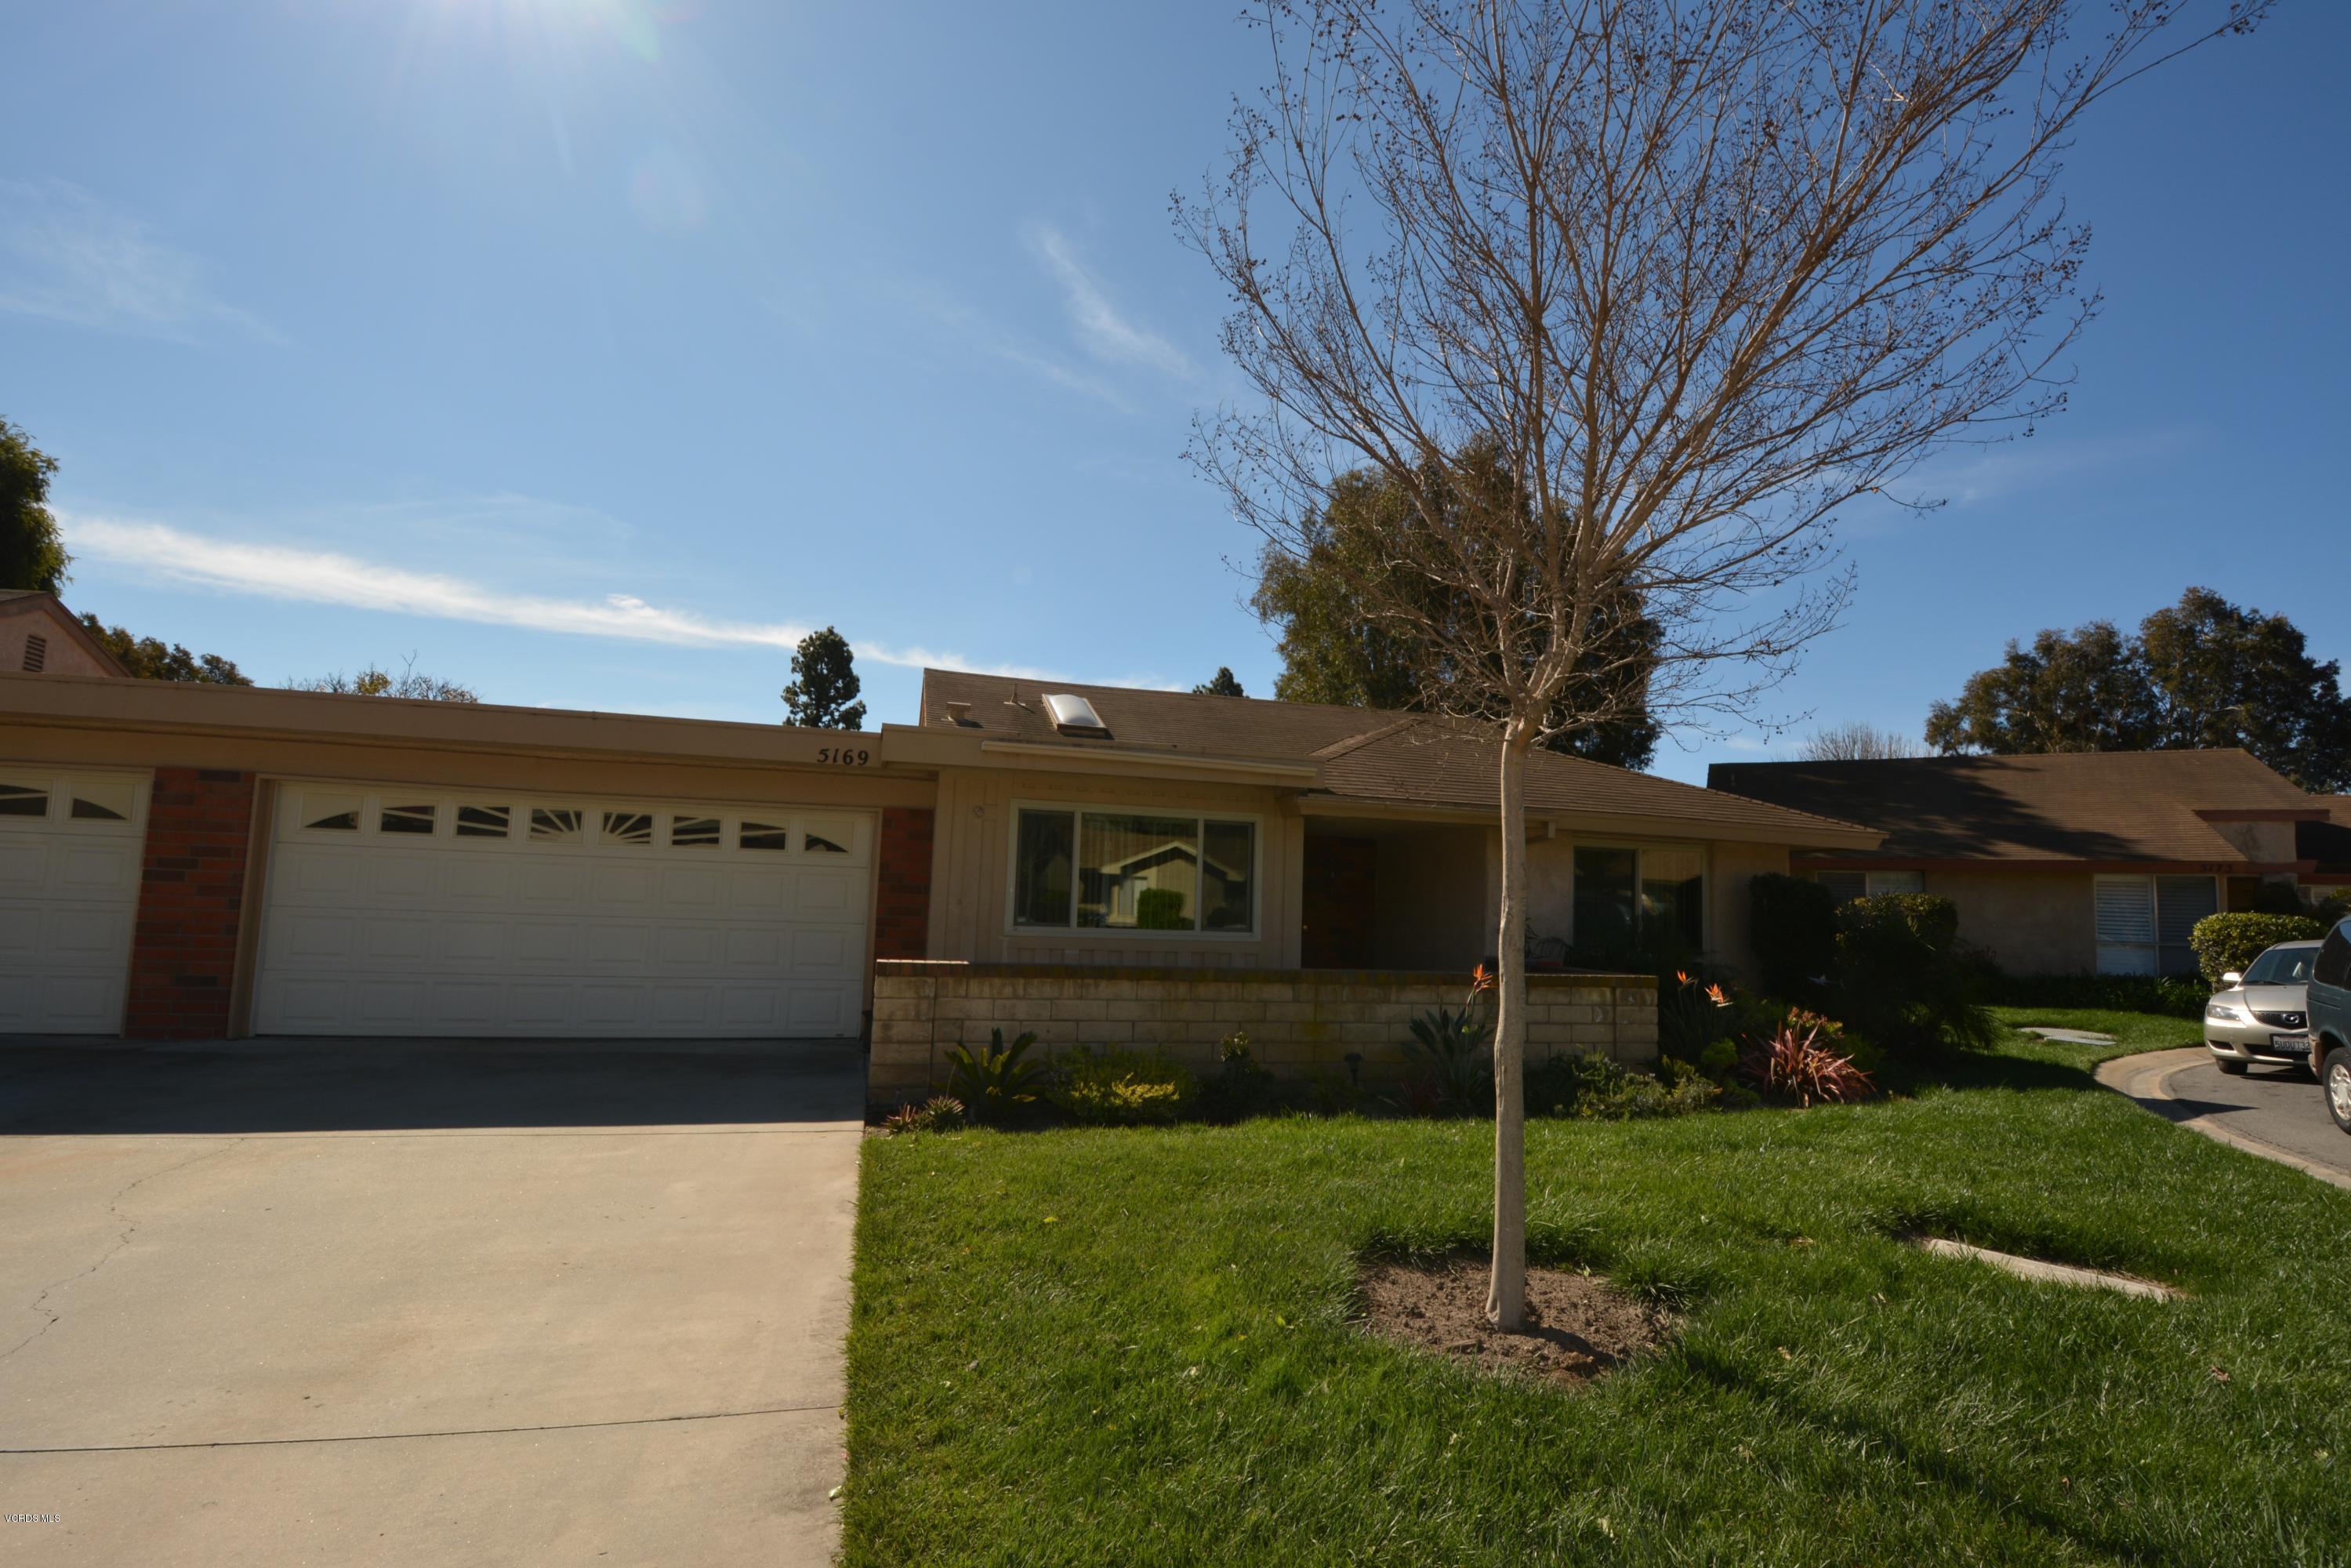 5169 Village 5, Camarillo, CA 93012